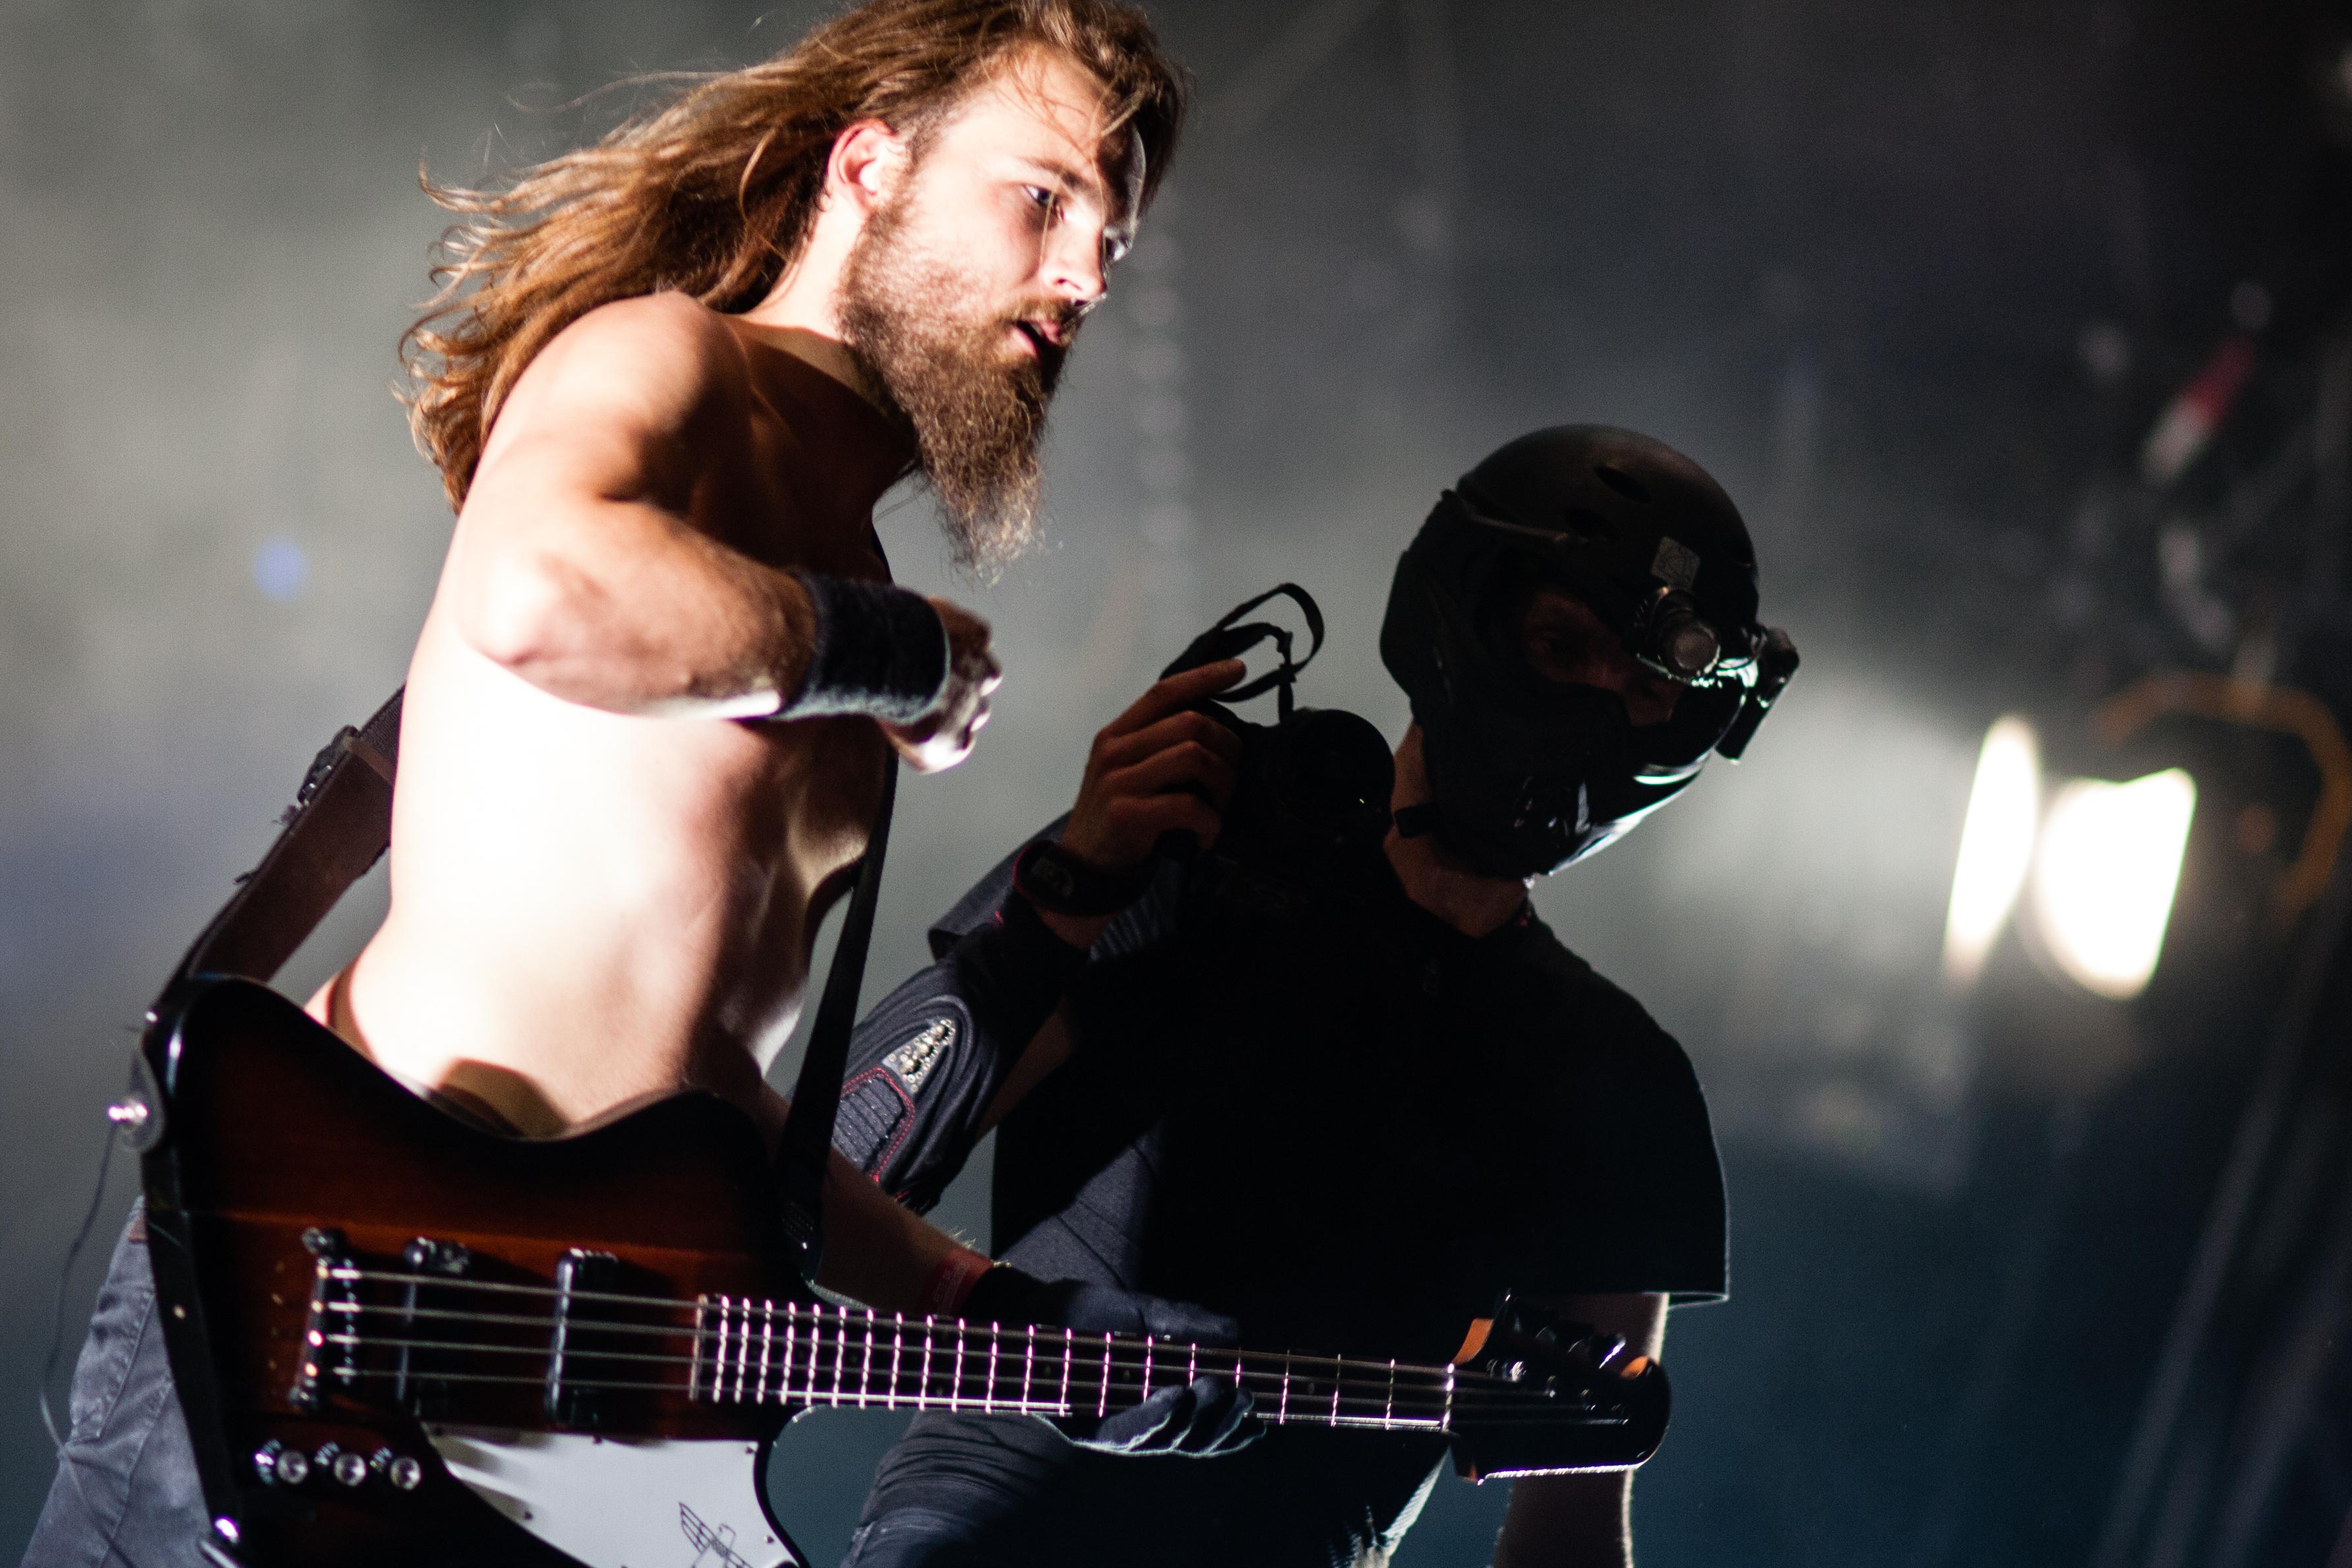 торт басист и ударник картинка его внешностью